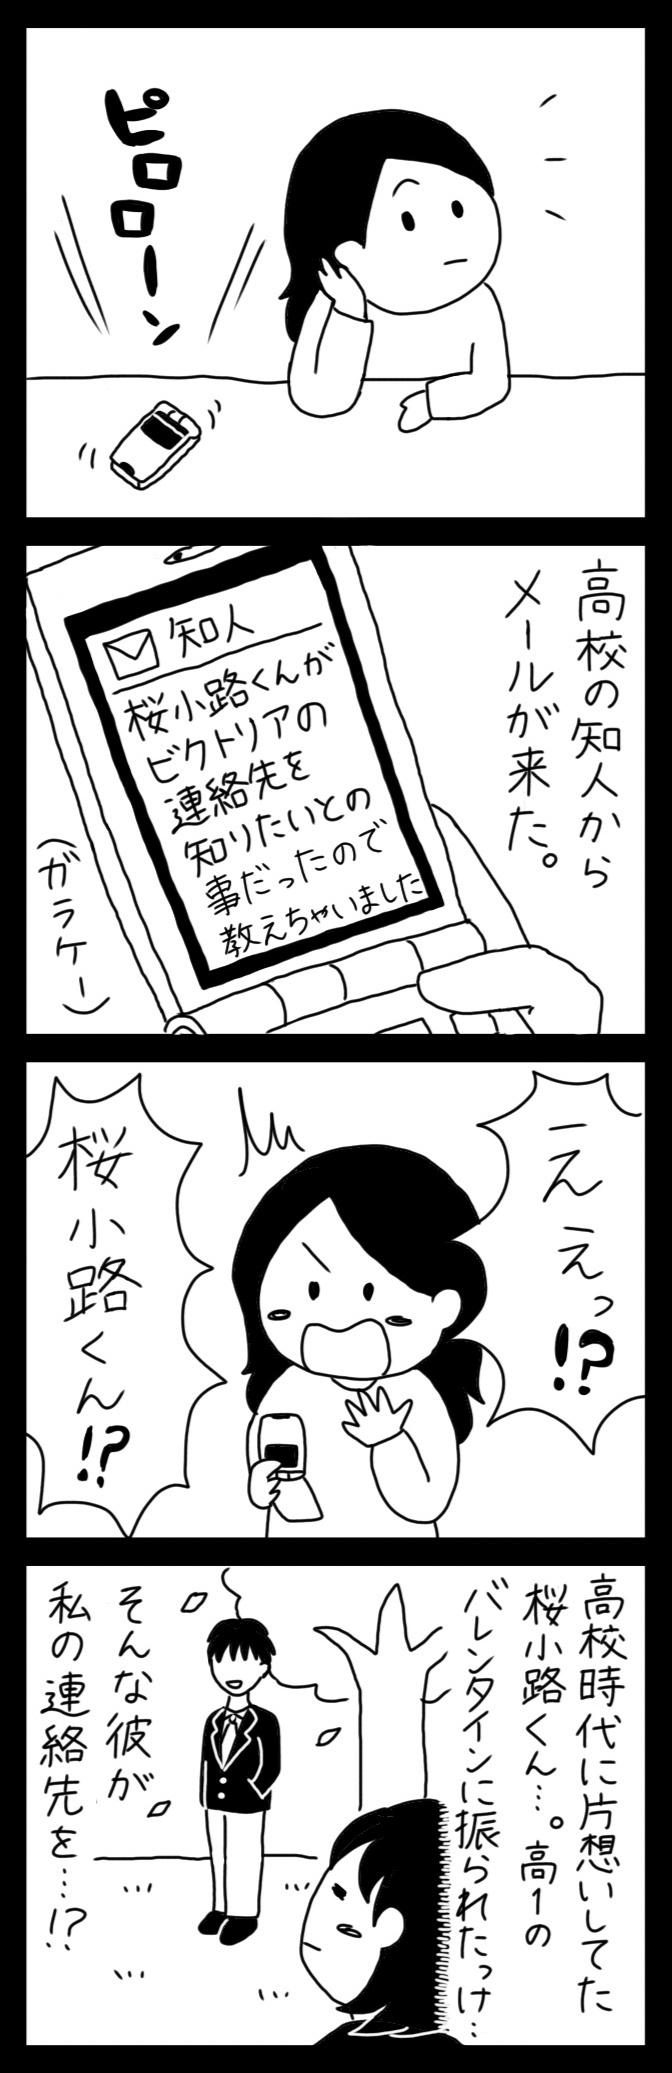 【4コマ漫画】第6回「ビクトリアな日々」作:ビクトリアブラディーヌ